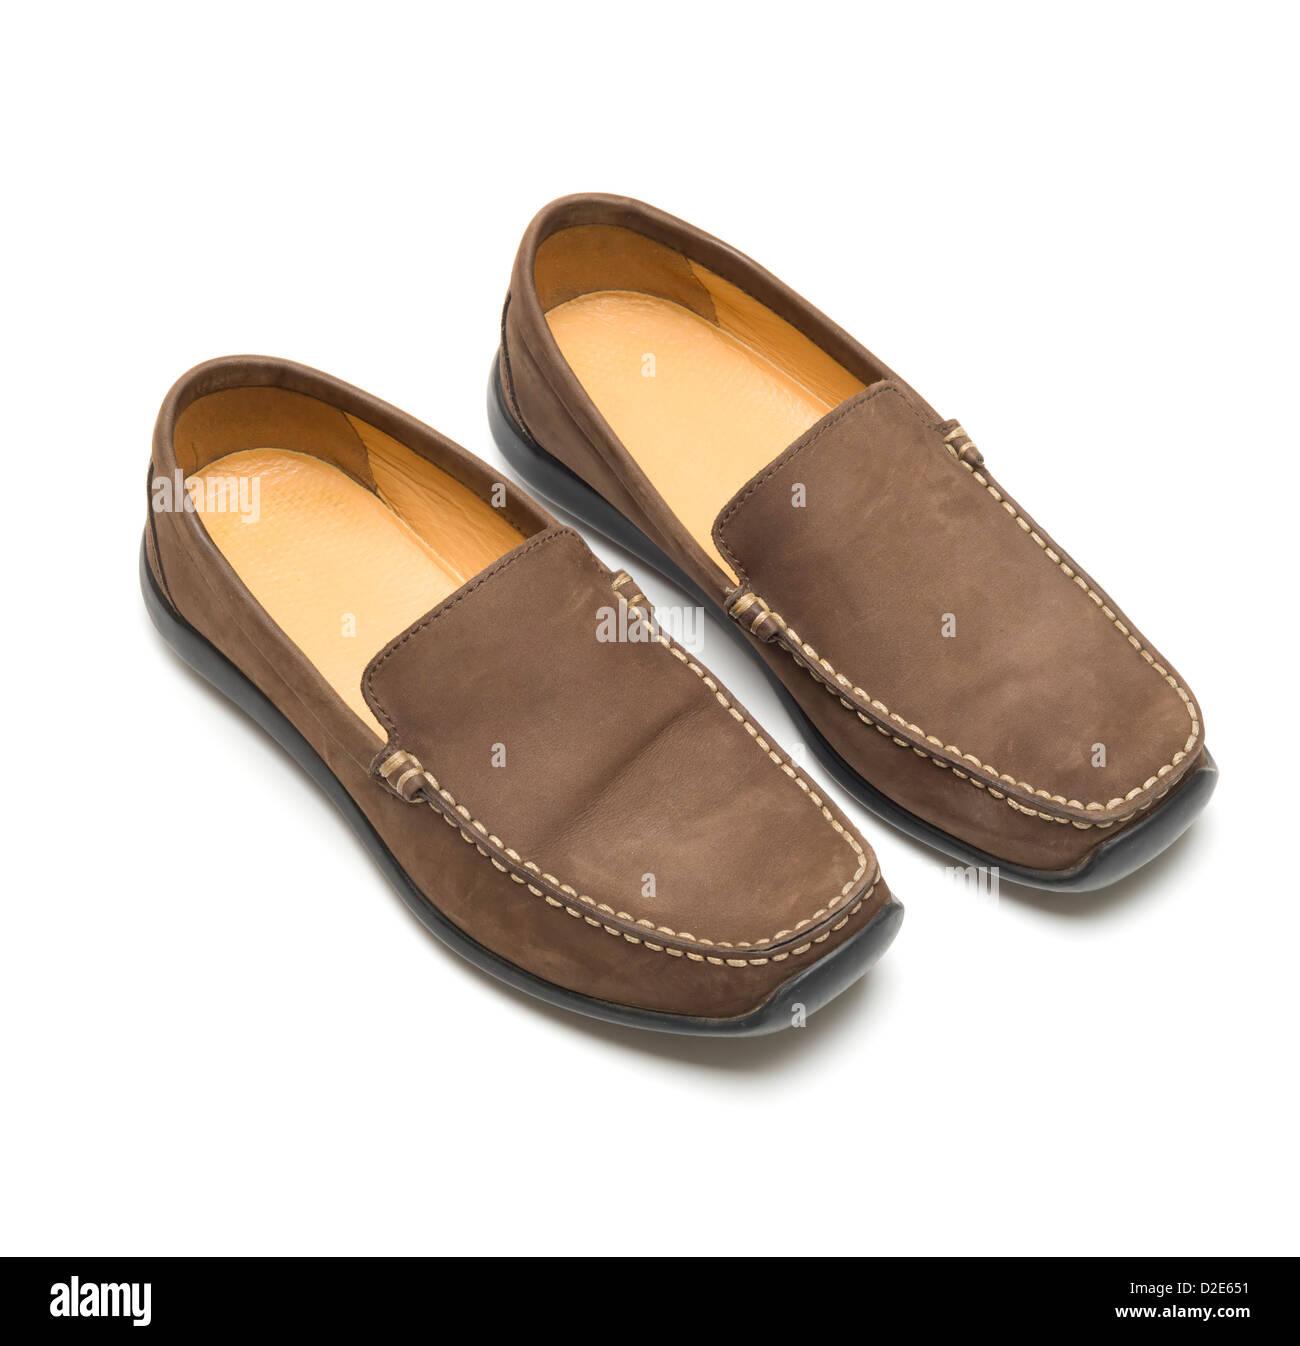 new concept 36453 cb2ba Une paire de chaussures en daim marron isolé sur fond blanc